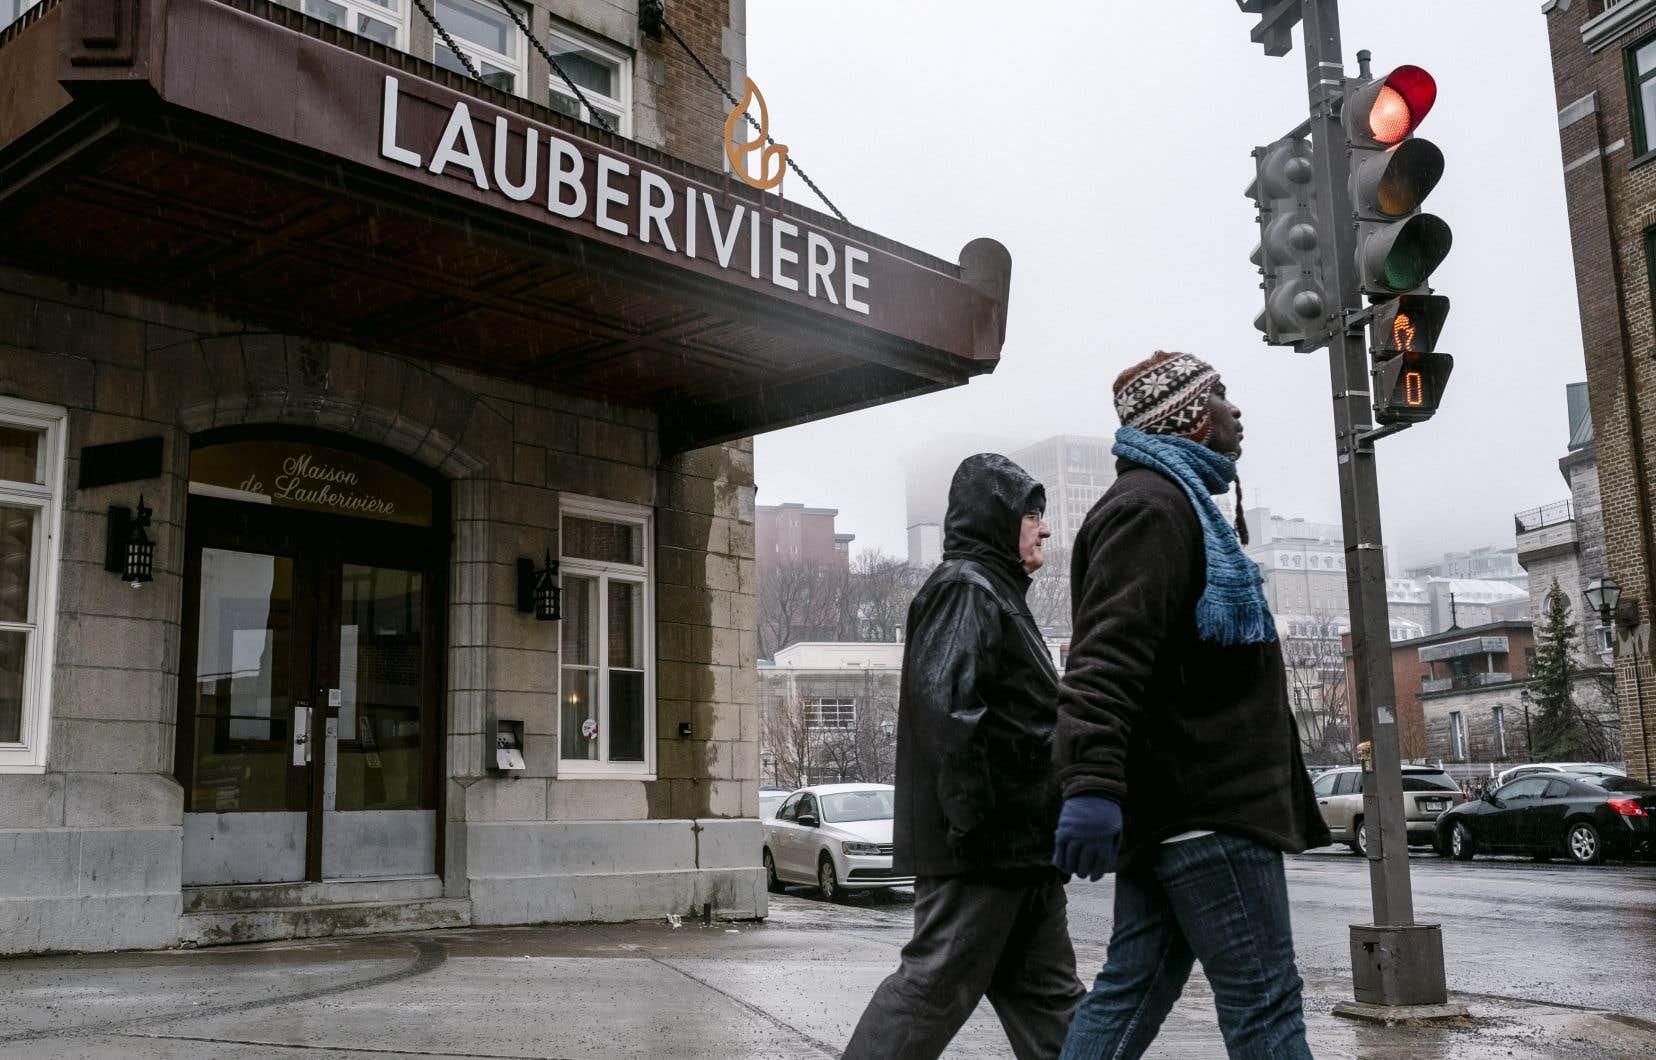 À Québec, les refuges comme la Maison Lauberivière doivent refuser régulièrement des gens faute d'espace pour accueillir tout le monde, en particulier lors des vagues de froid.